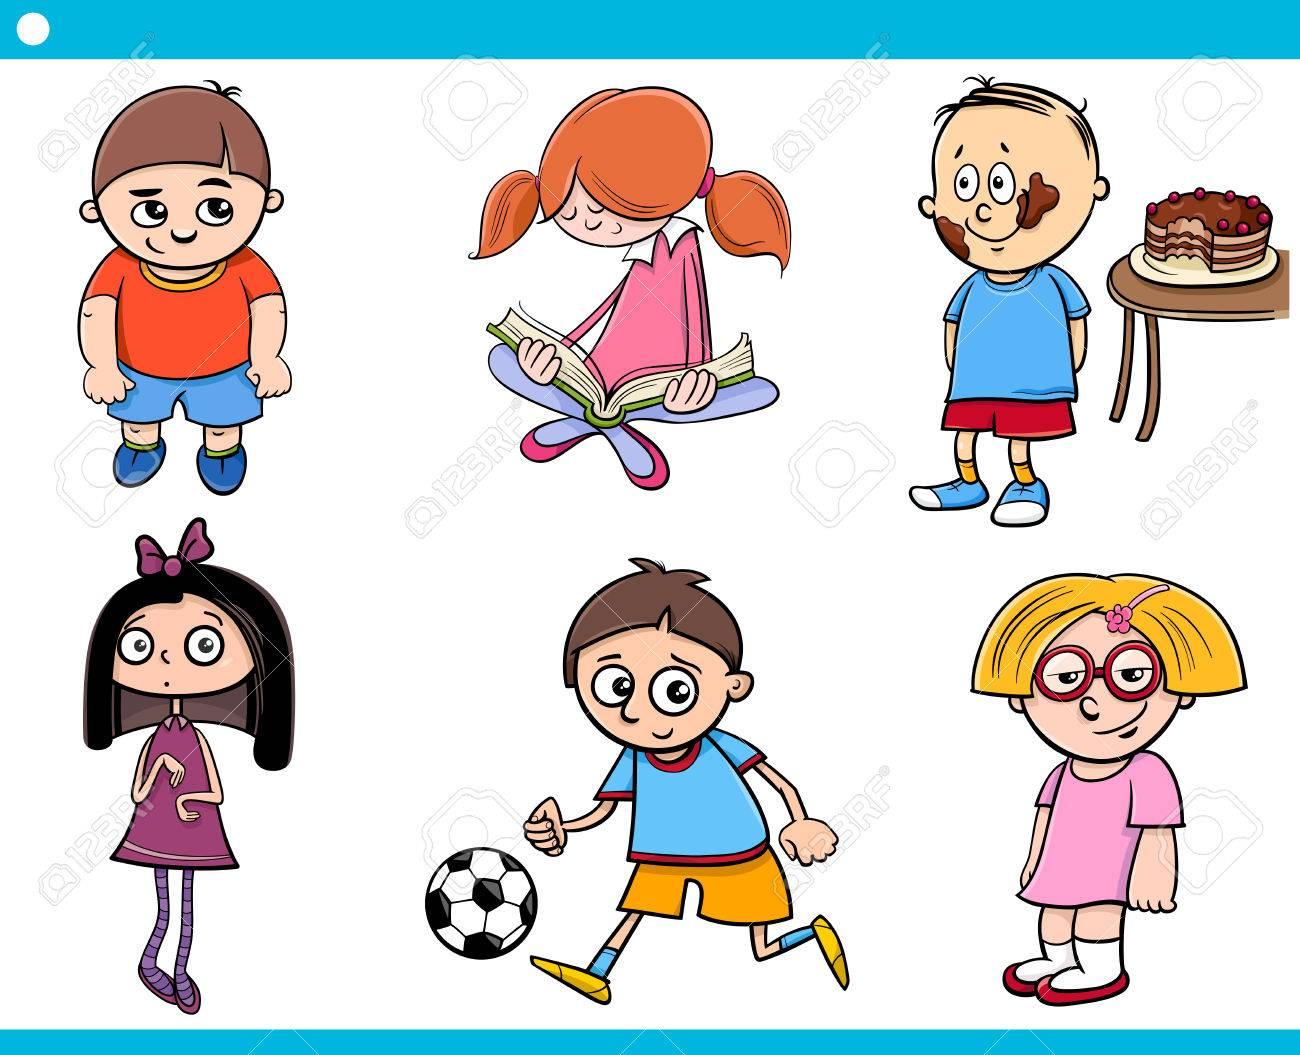 Ilustración De Dibujos Animados De Niños De Edad Escolar Conjunto De